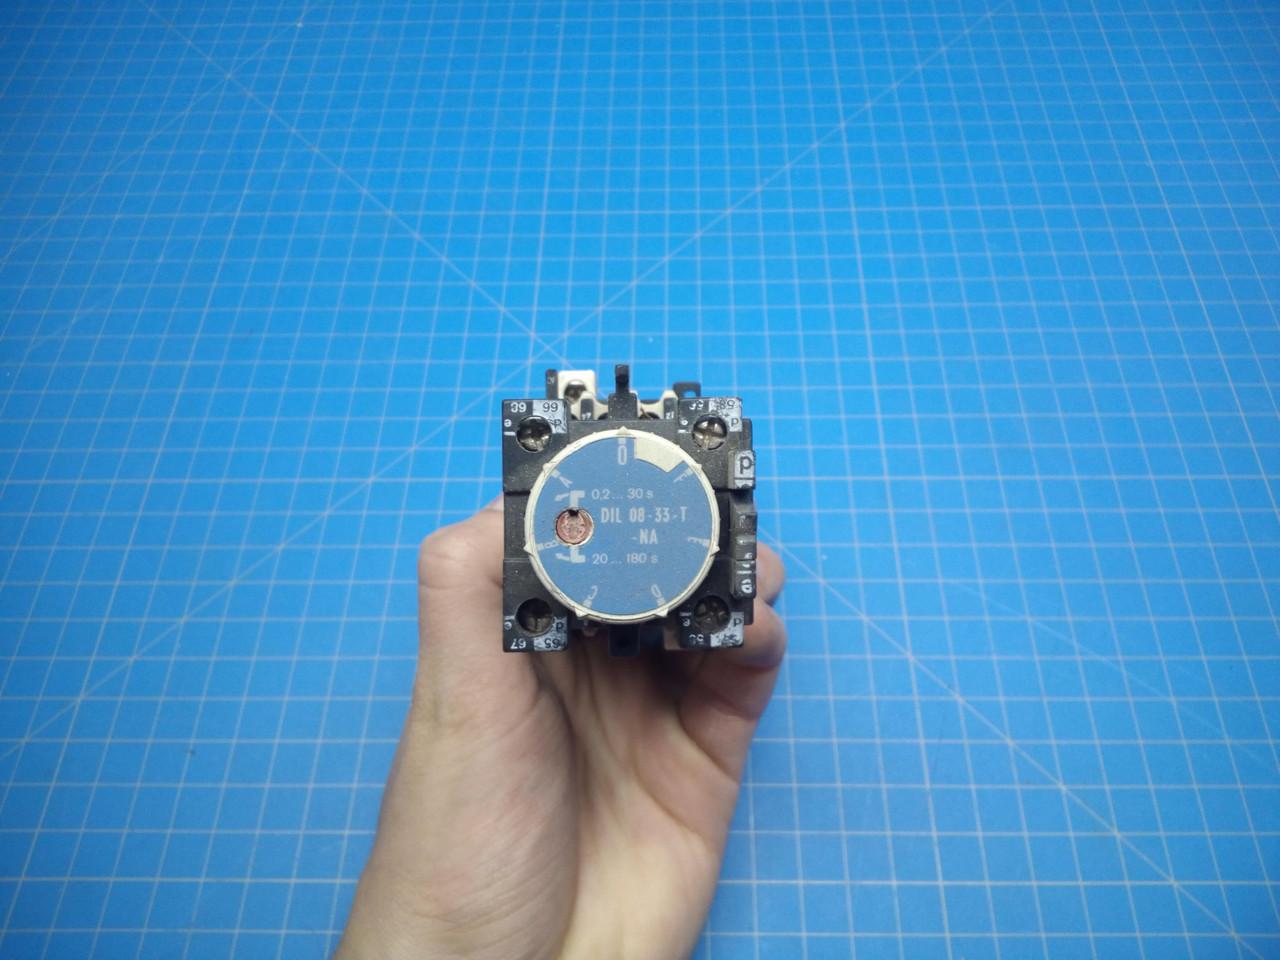 Klockner Moeller DIL-08-33-T  - P02-000377